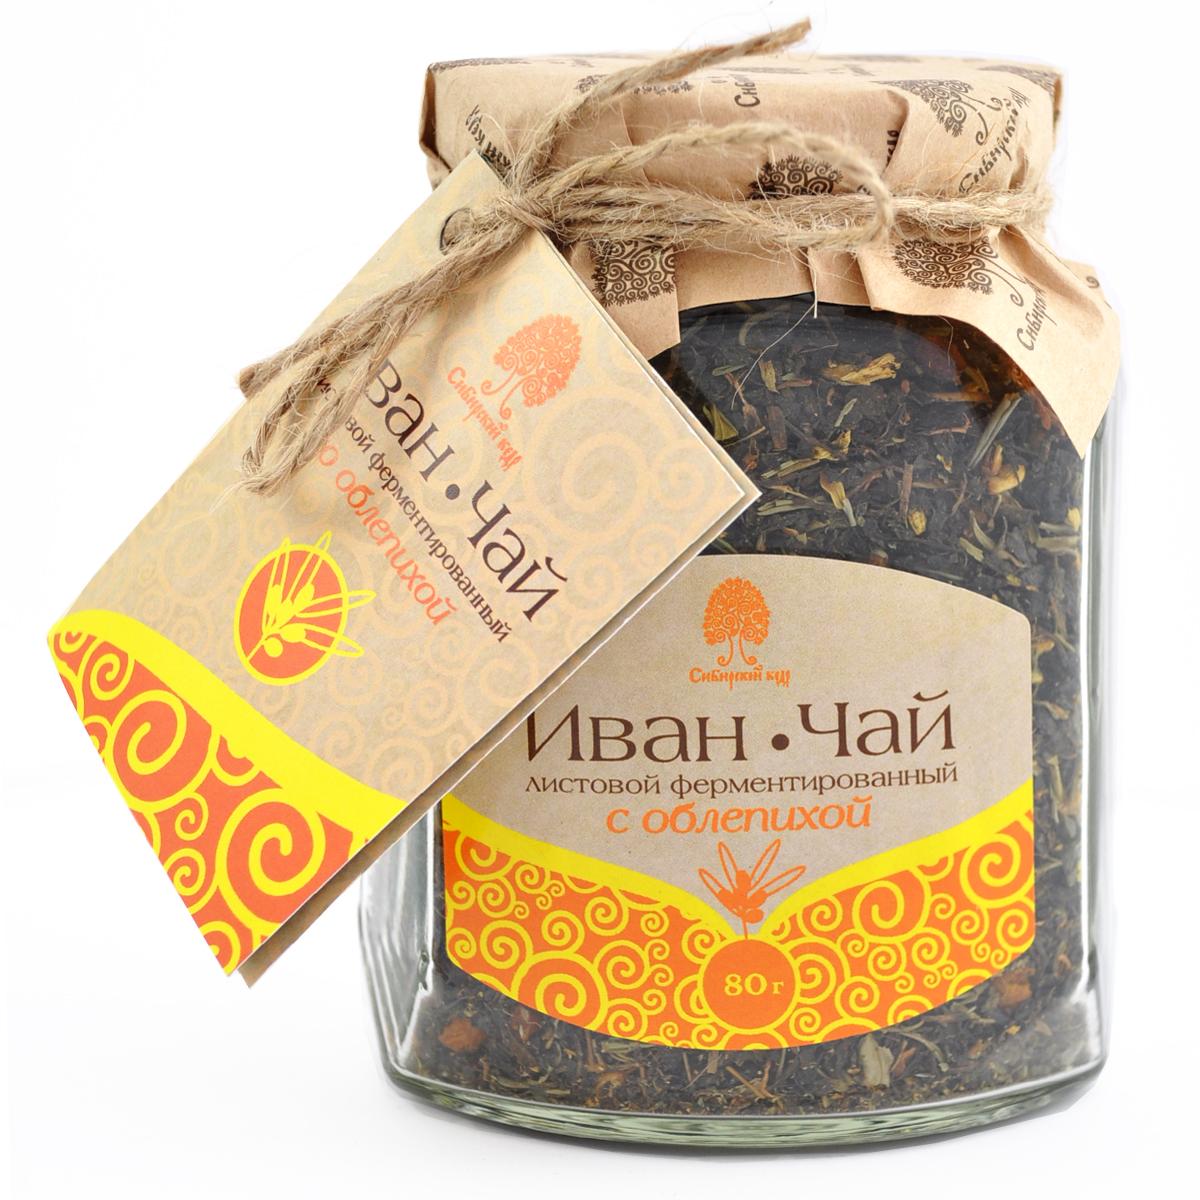 Чайный напиток Сибирский кедр Иван чай с плодами облепихи, 80 г иван чай с облепихой русский чай 75 г